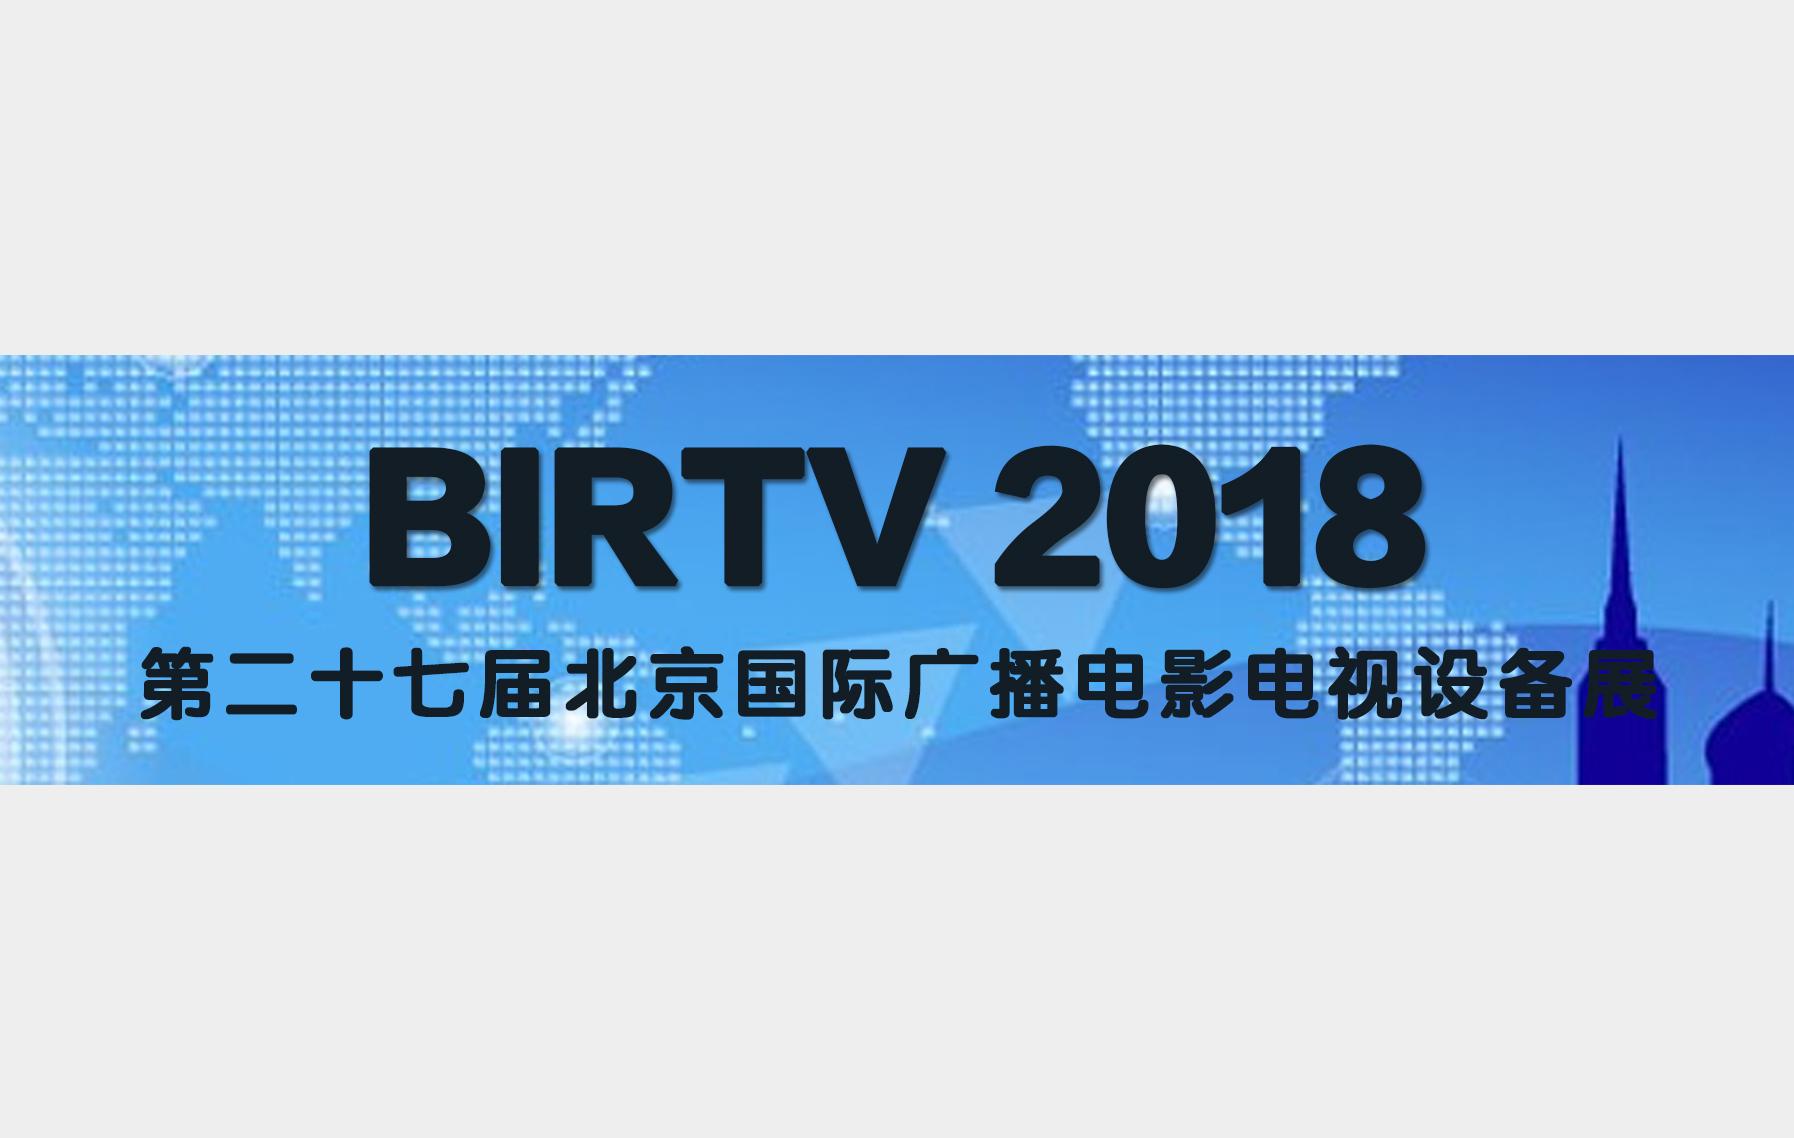 第二十七届北京国际广播电影电视设备展